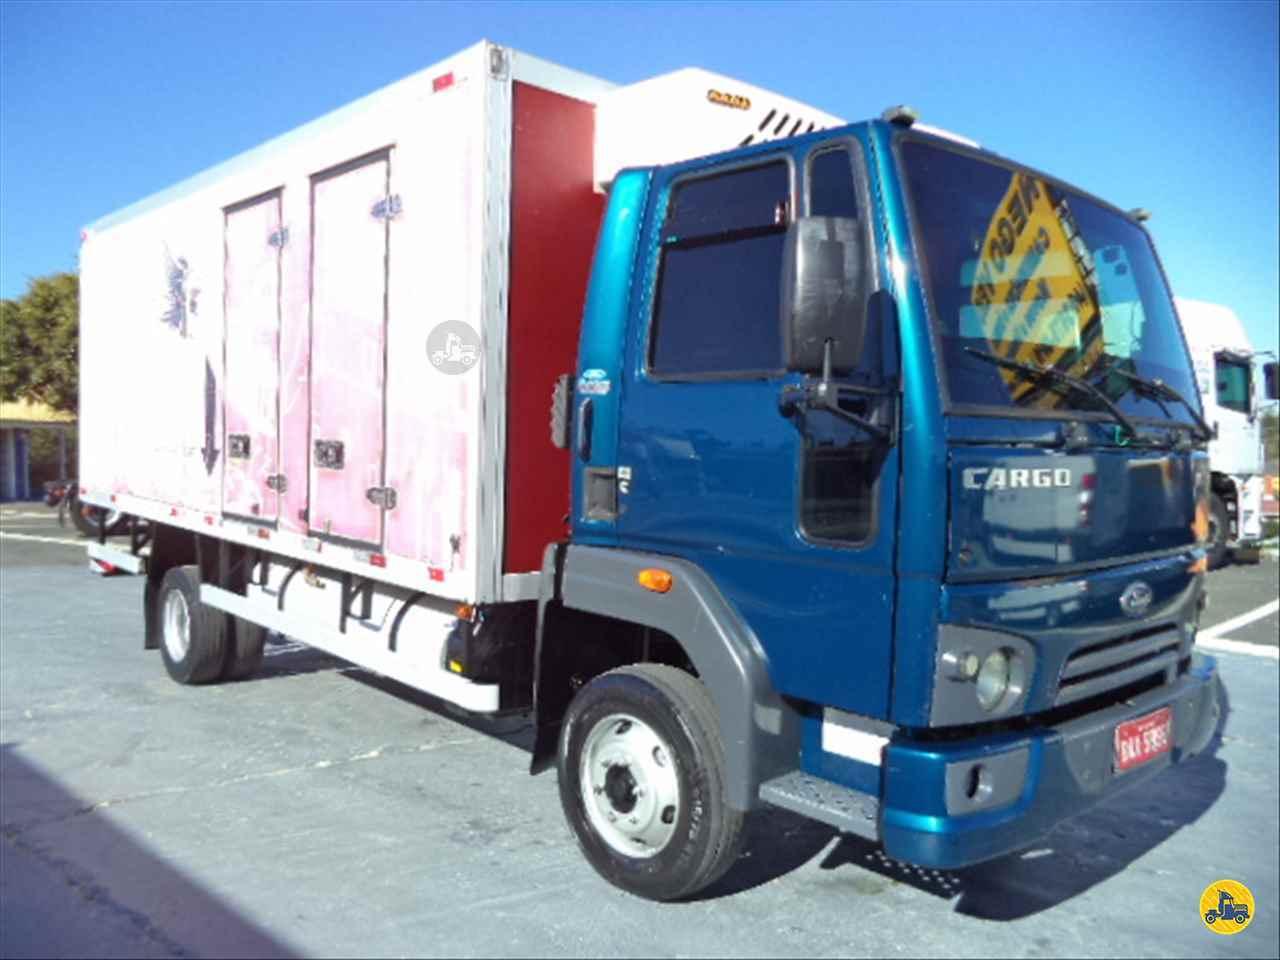 CAMINHAO FORD CARGO 816 Baú Frigorífico 3/4 4x2 Nego Véio Caminhões e Ônibus  COLOMBO PARANÁ PR